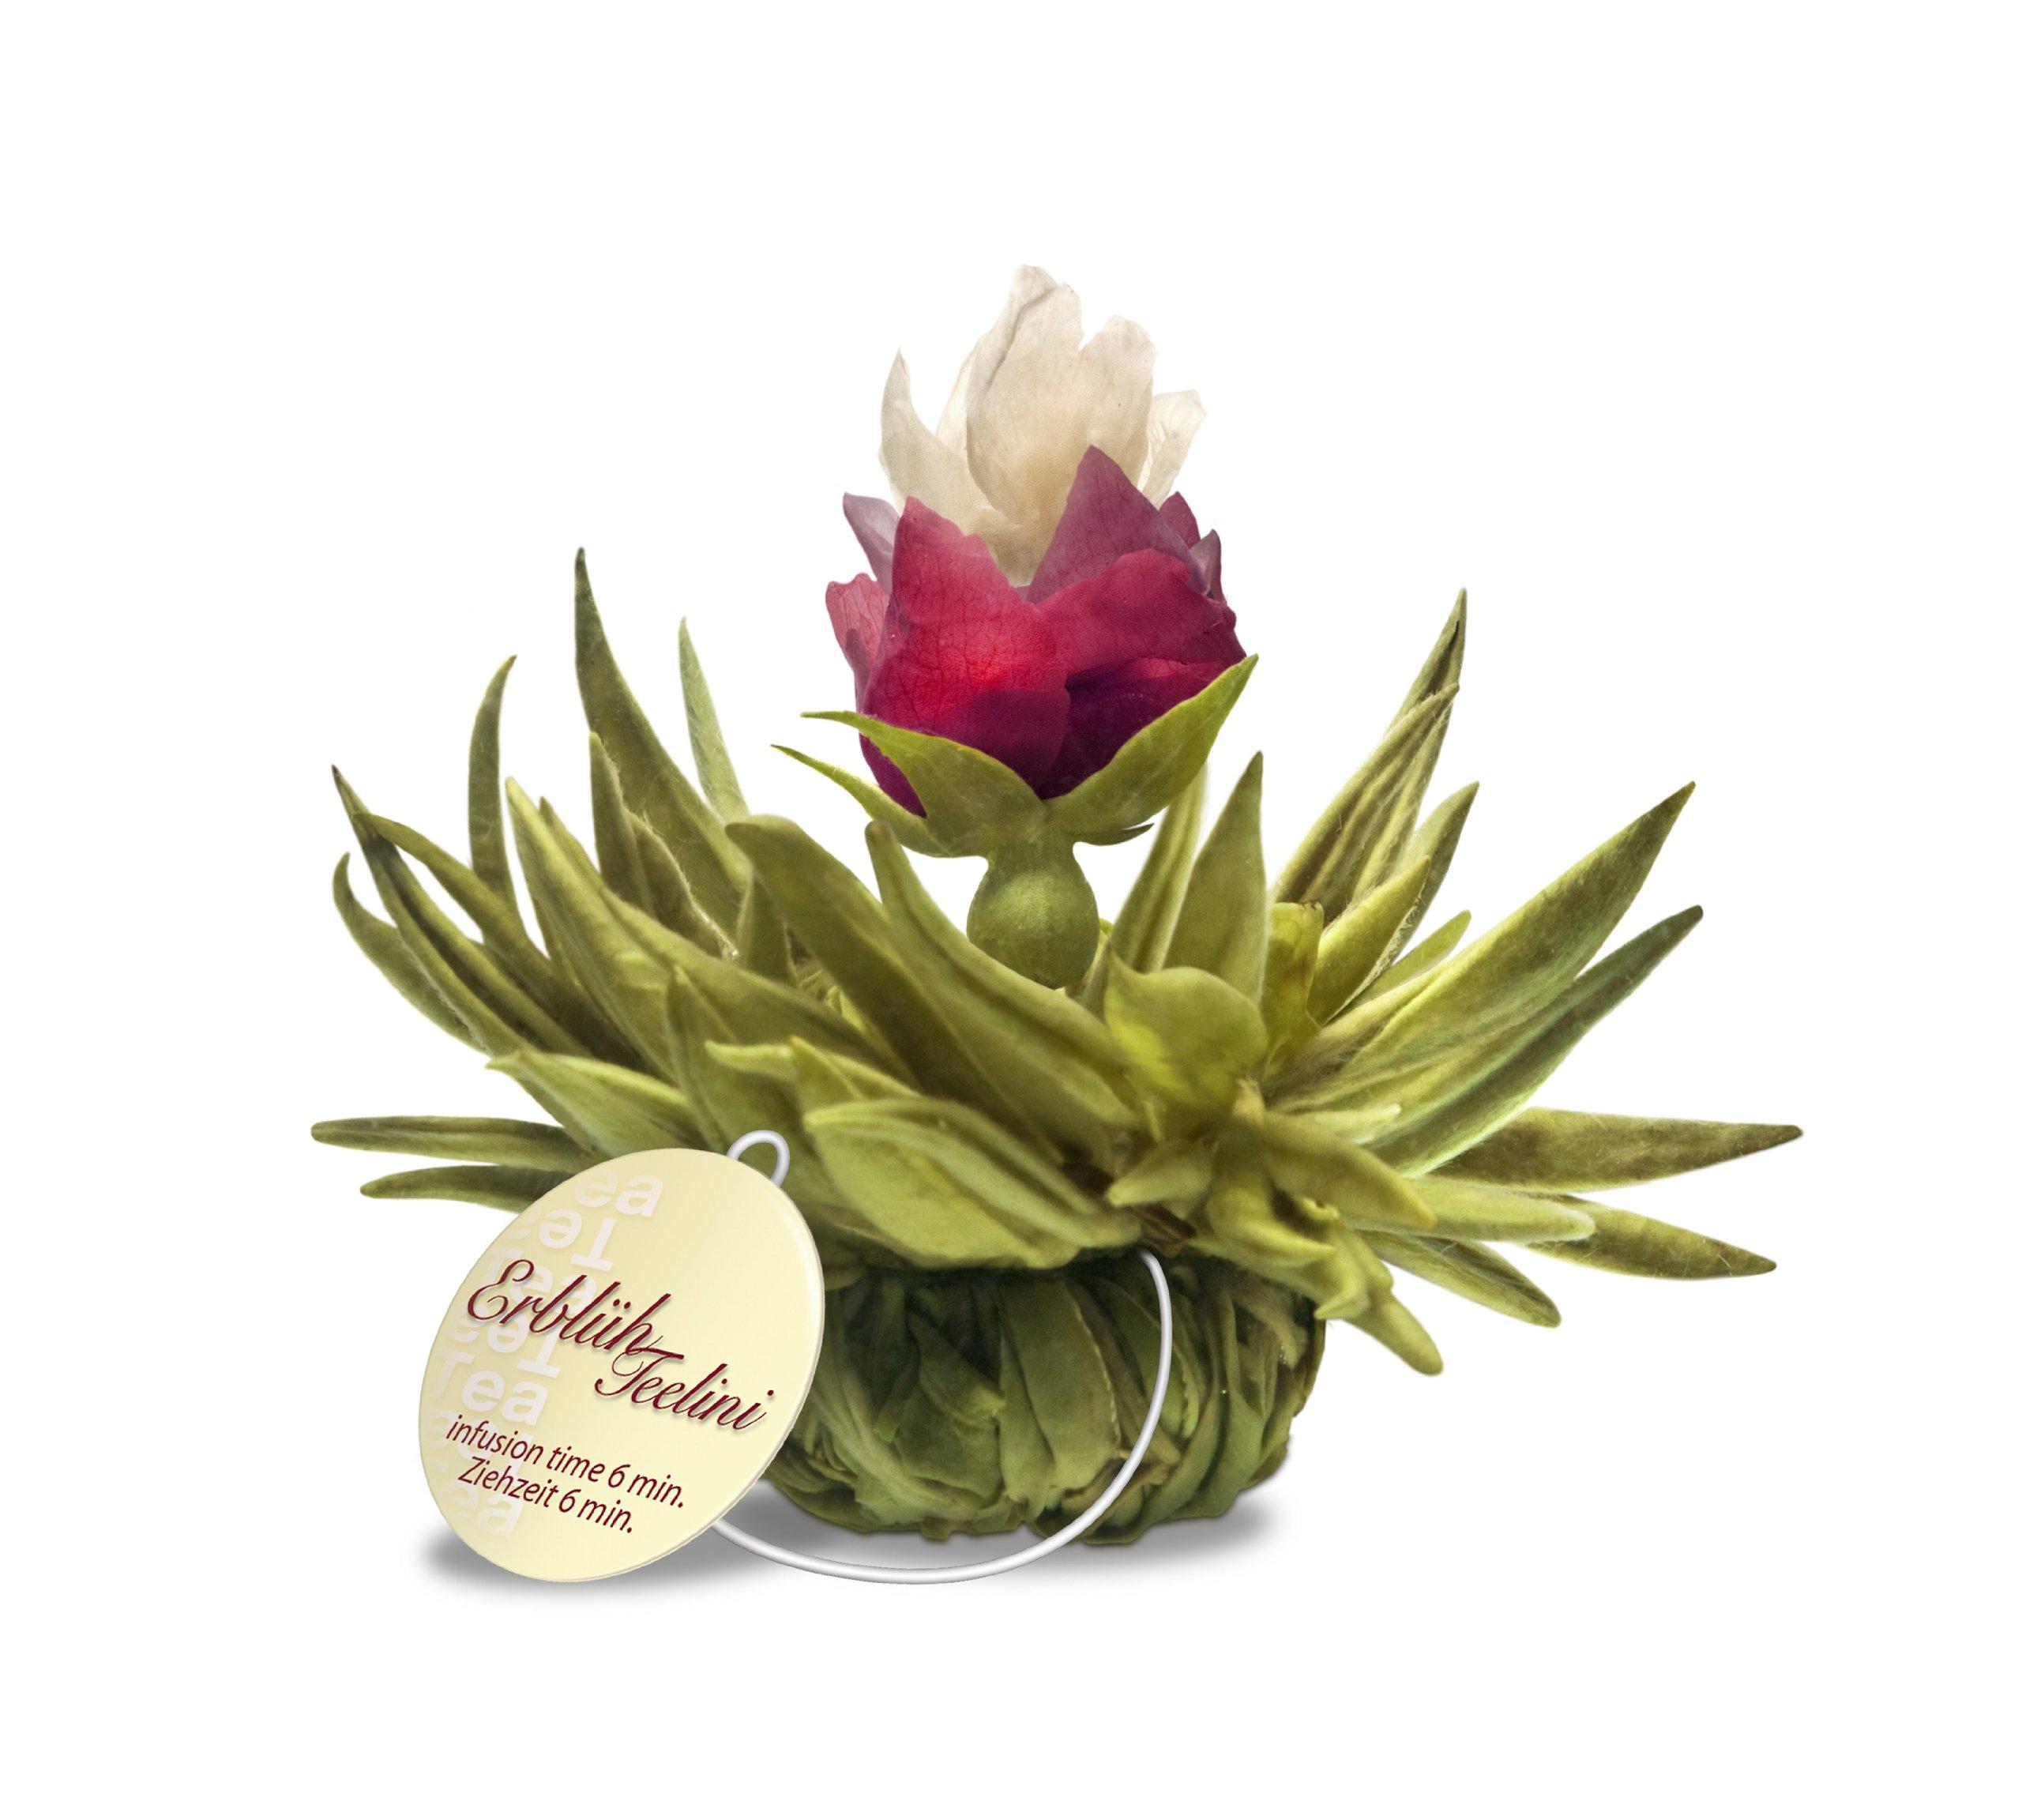 Creano-Teeblumen-Variation-im-exklusiven-Tassenformat-ErblhTeelini-8-Teeblten-in-4-verschiedenen-Sorten-Weier-Tee